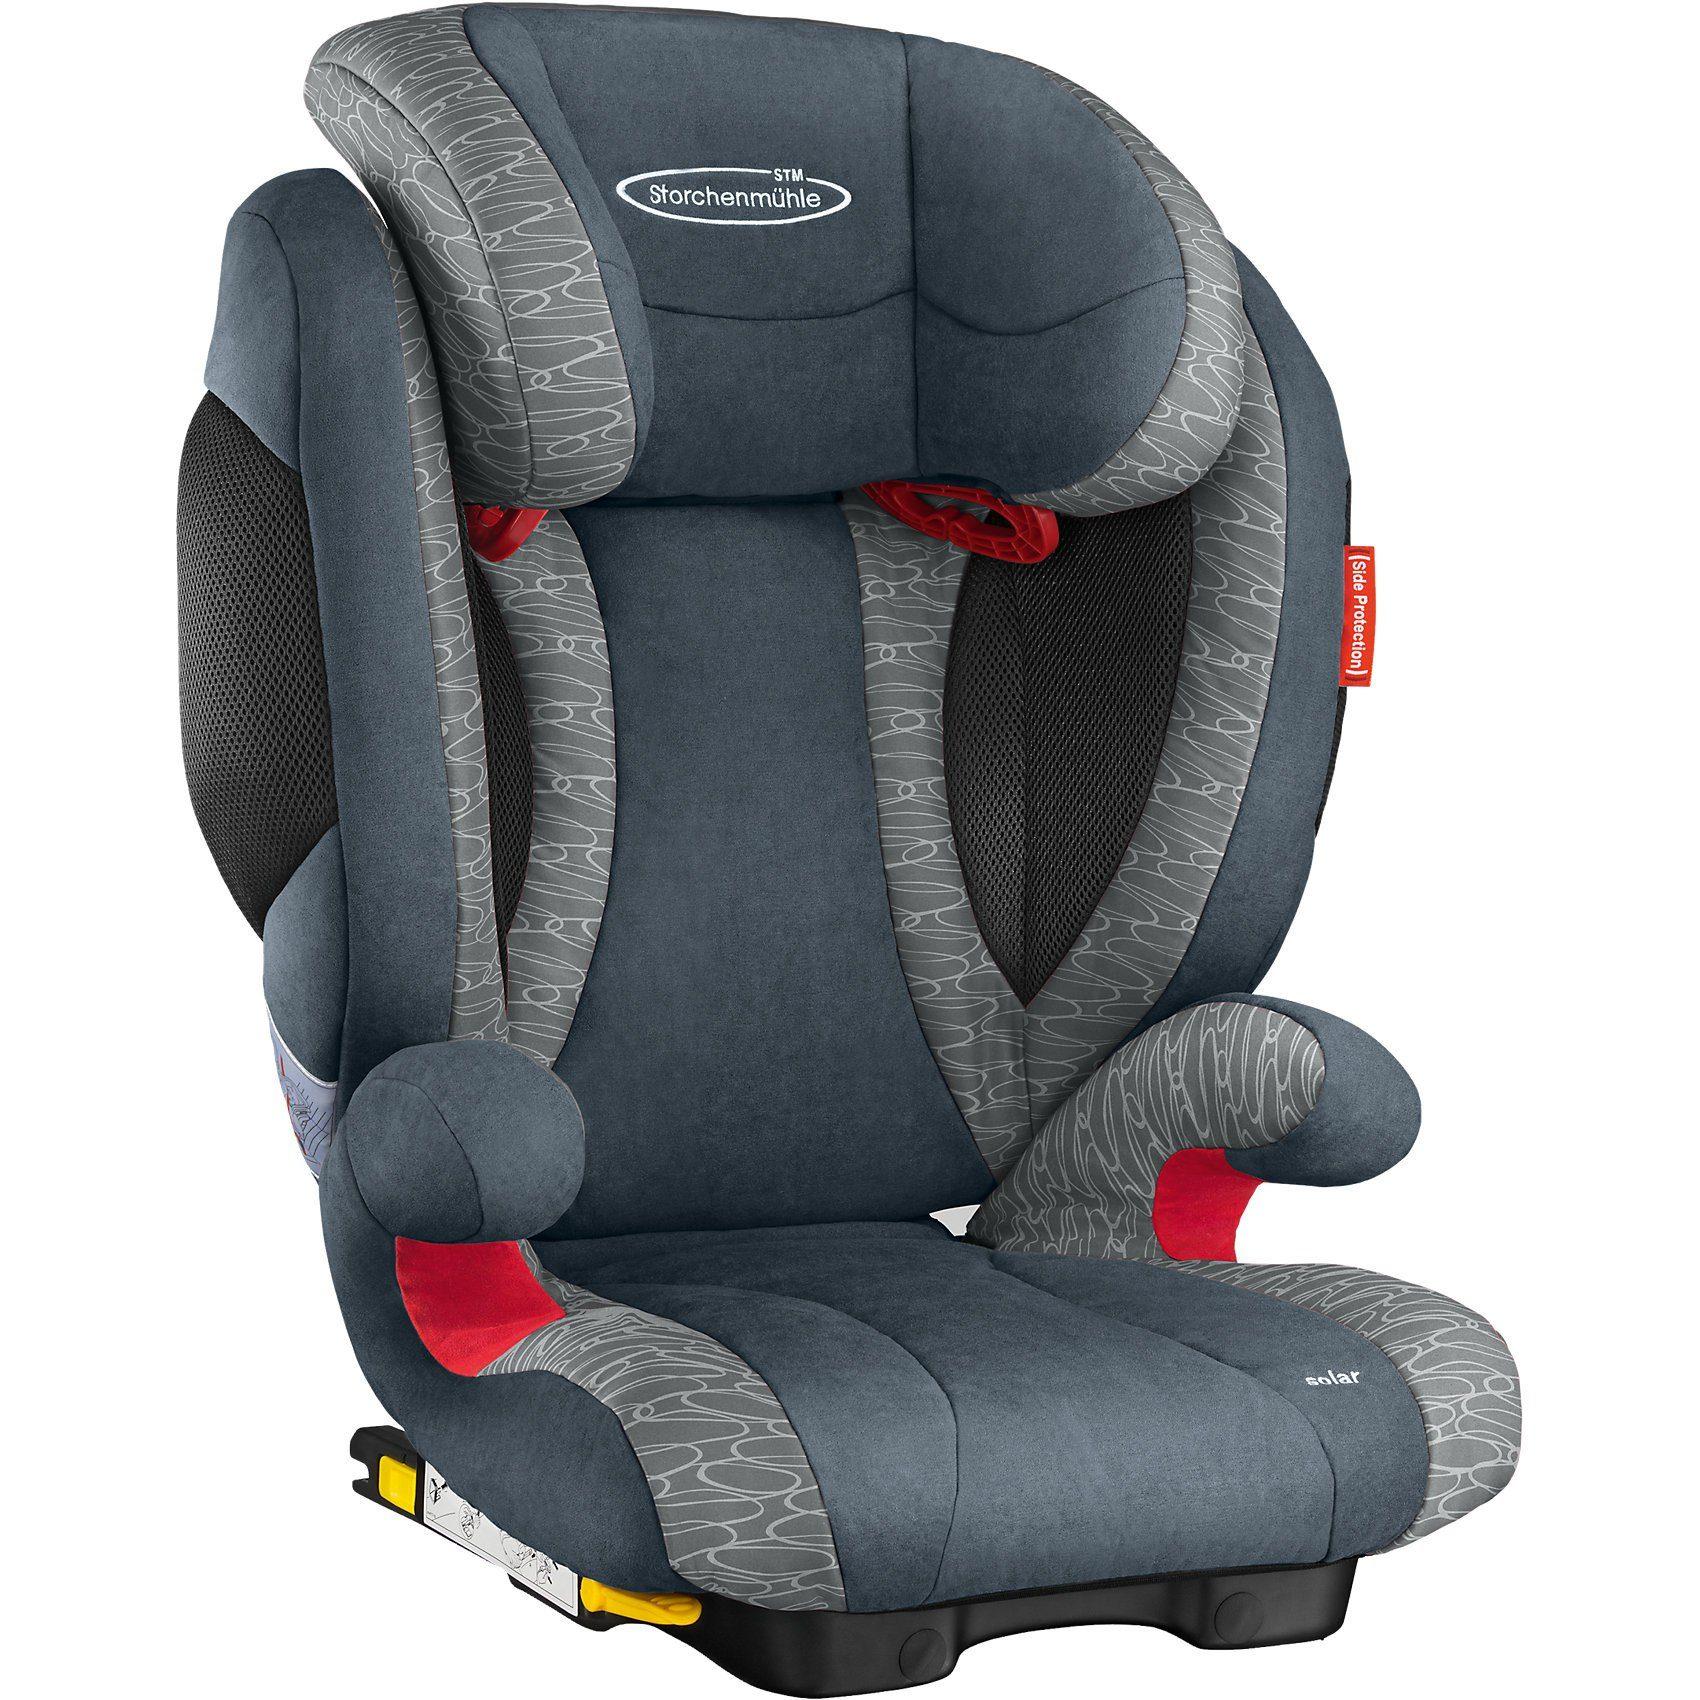 Storchenmühle Auto-Kindersitz Solar 2 Seatfix, Oxxy